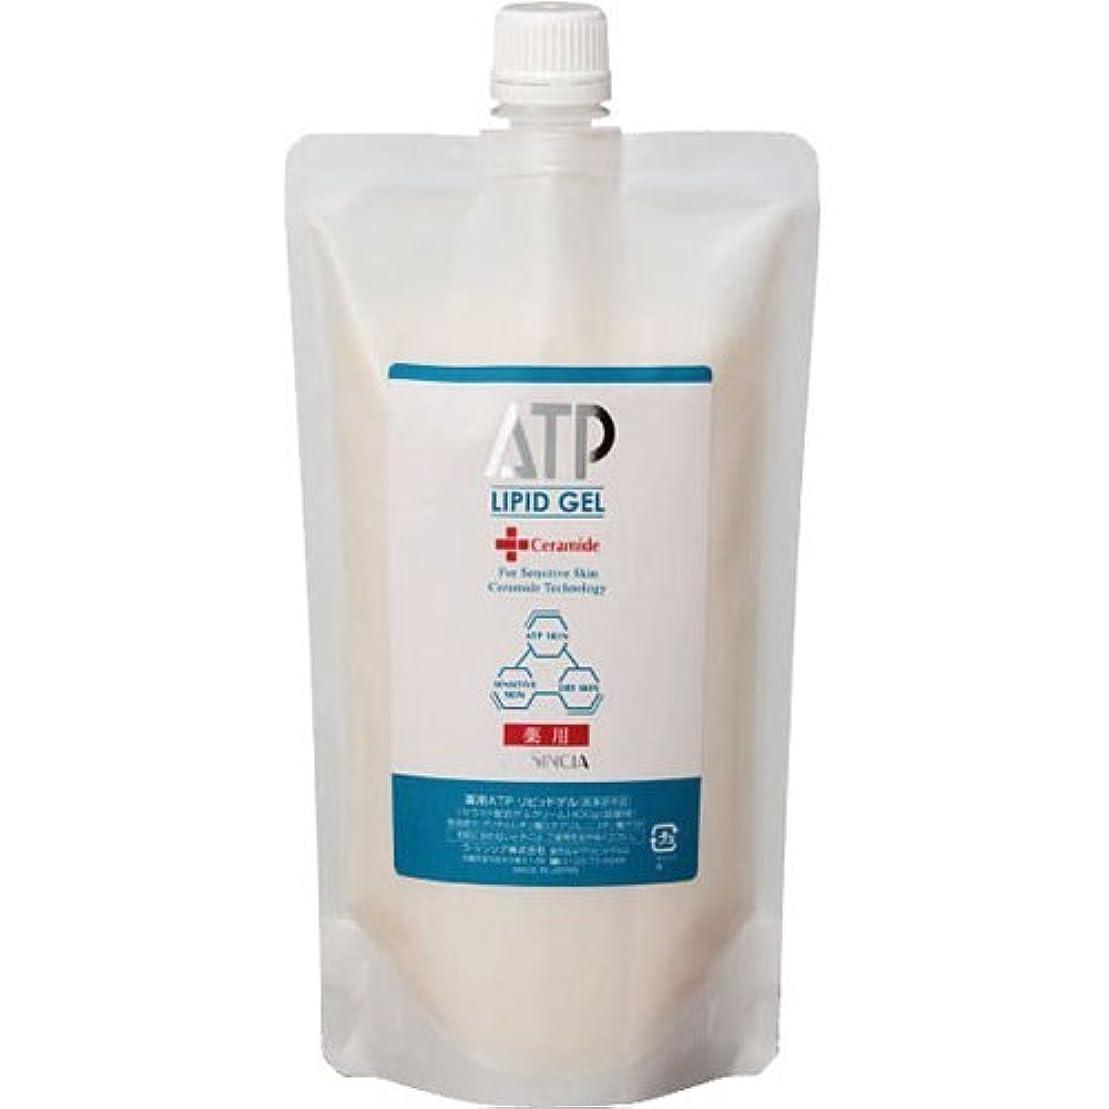 ラシンシア 薬用ATPリピッドゲル 400g(詰替用) 【セラミド配合ゲルクリーム】